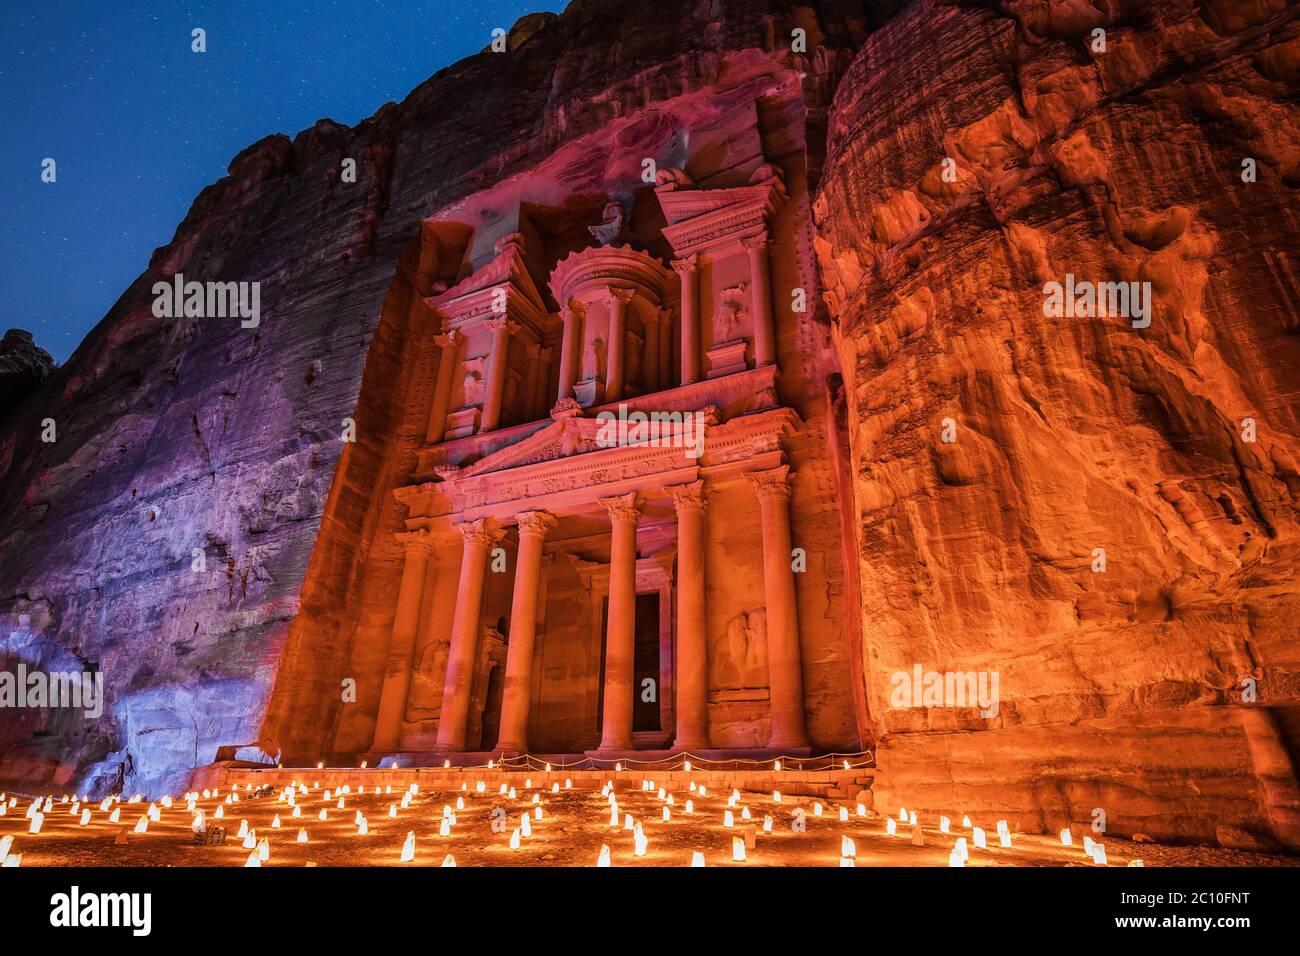 Petra, Jordan. Al-Khazneh (The Treasury) in Petra at candle light. Stock Photo